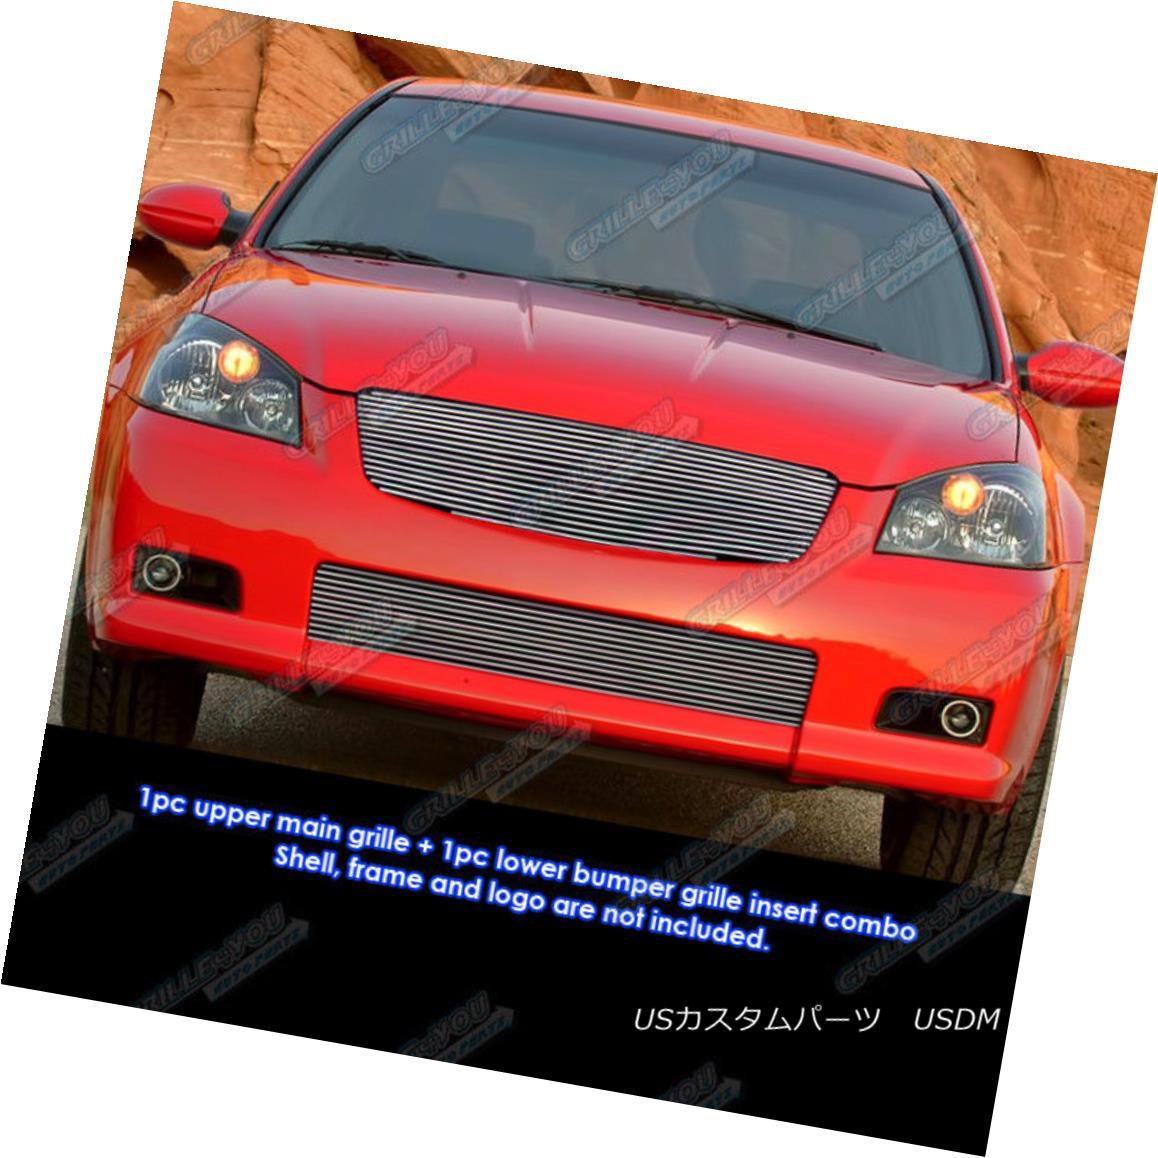 グリル Fits 05-06 Nissan Altima SER Billet Grille Grill Combo Insert フィット05-06日産アルティマSERビレットグリルグリルコンボインサート